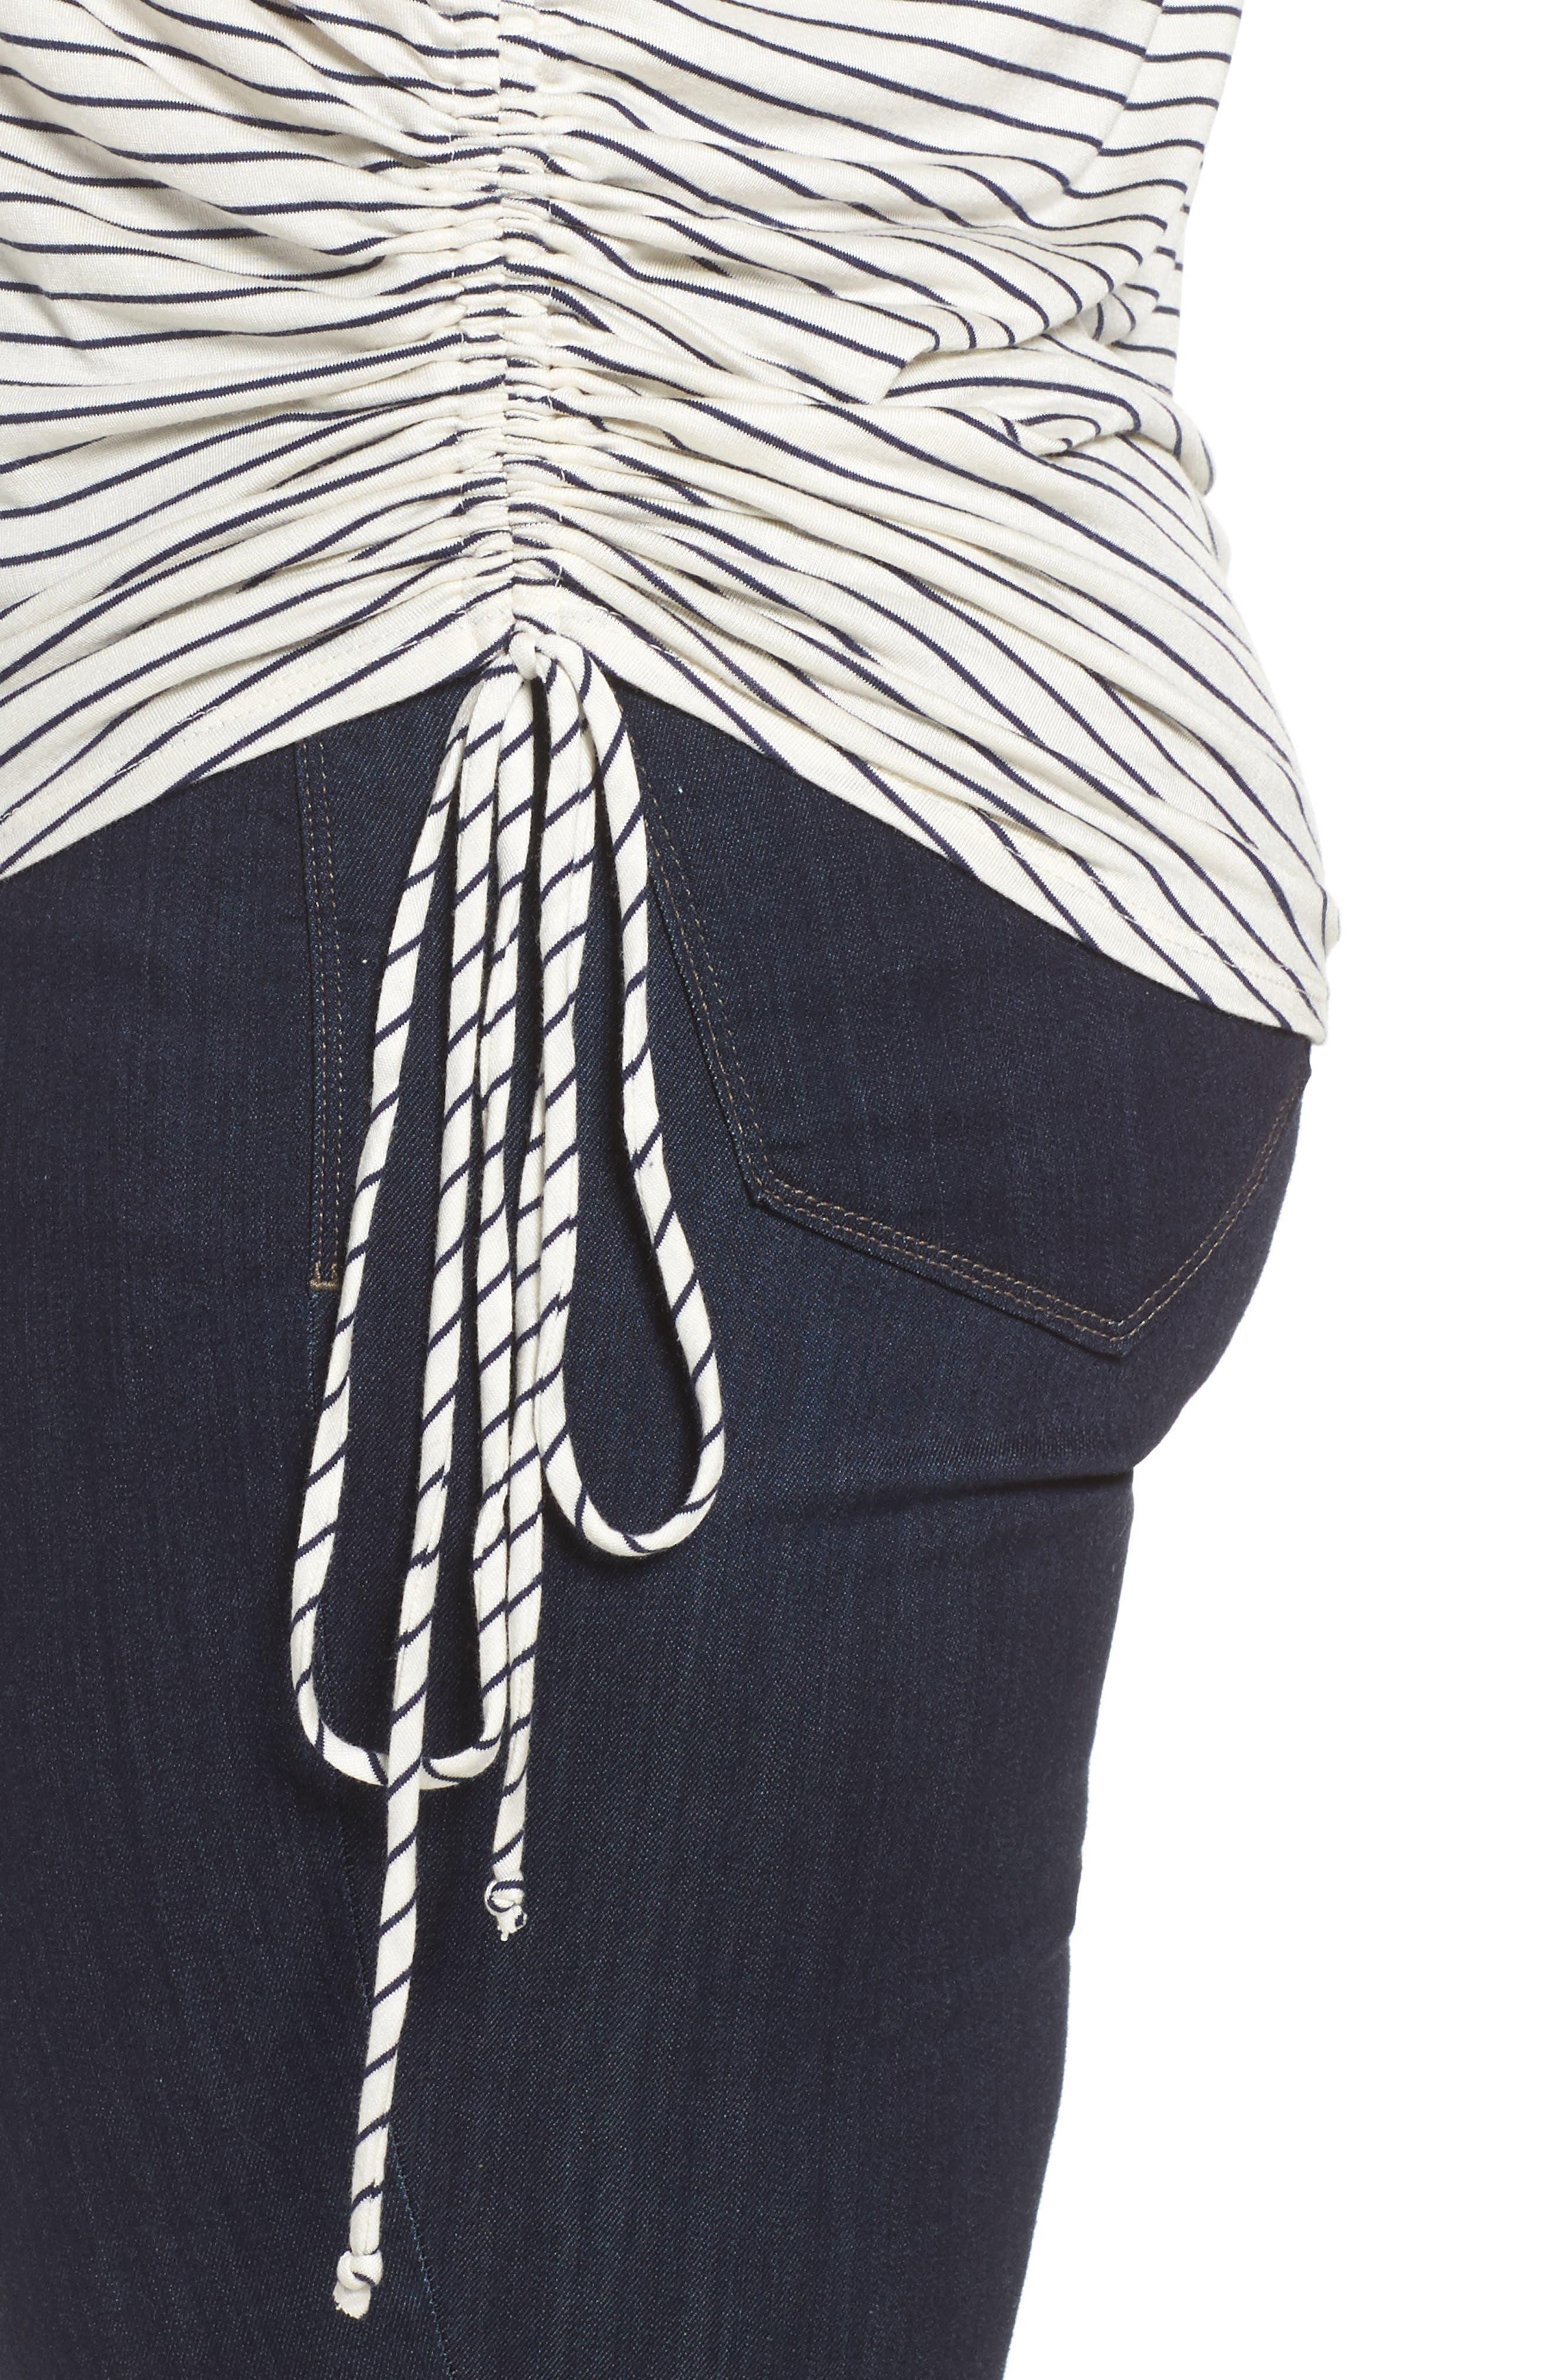 Alternate Image 4  - Sejour Drawstring Side V-Neck Top (Plus Size)